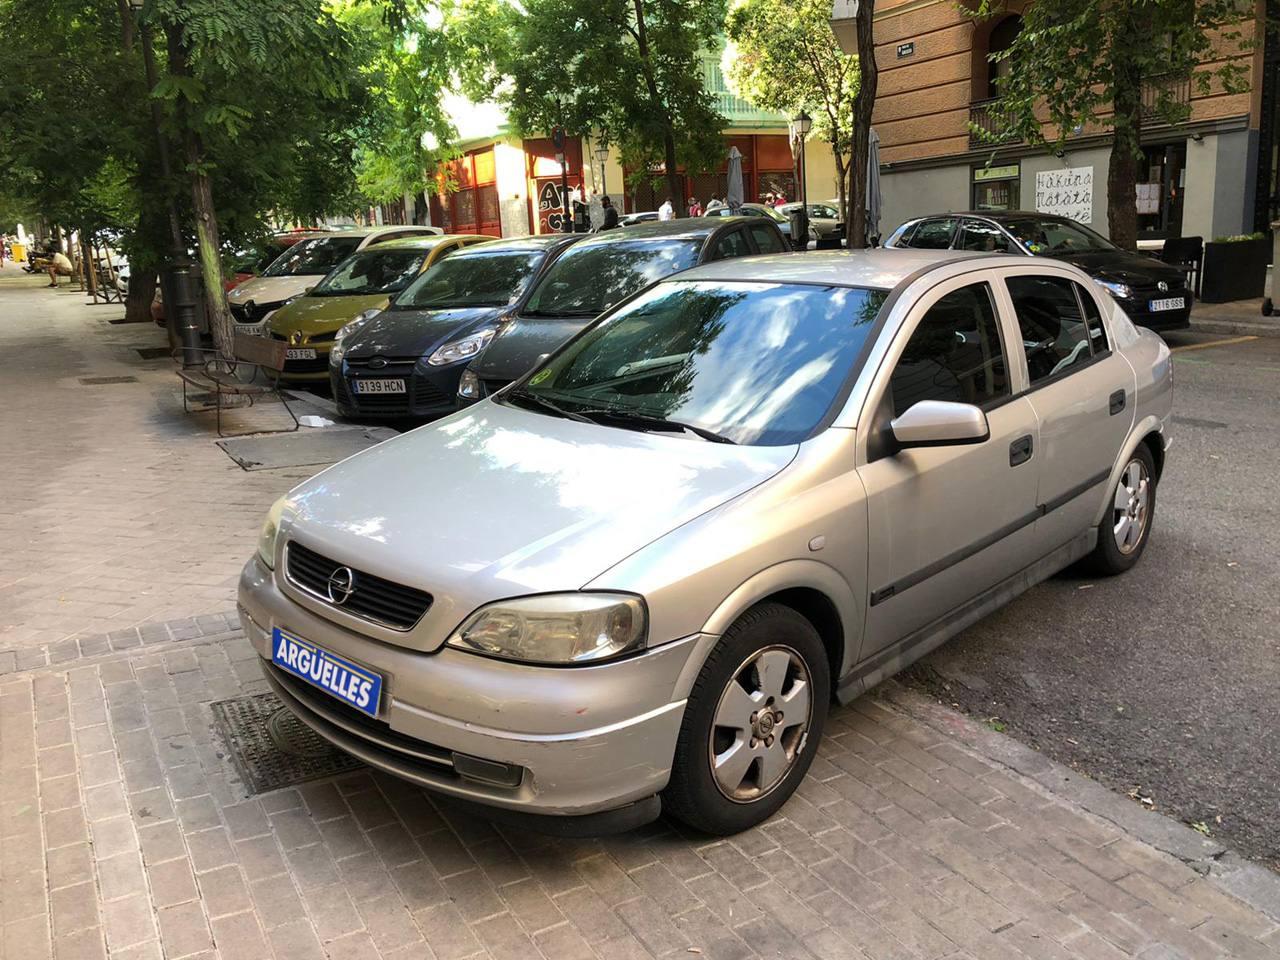 eje Pelágico De Verdad  Opel Astra 1.8 125cv ocasión MADRID